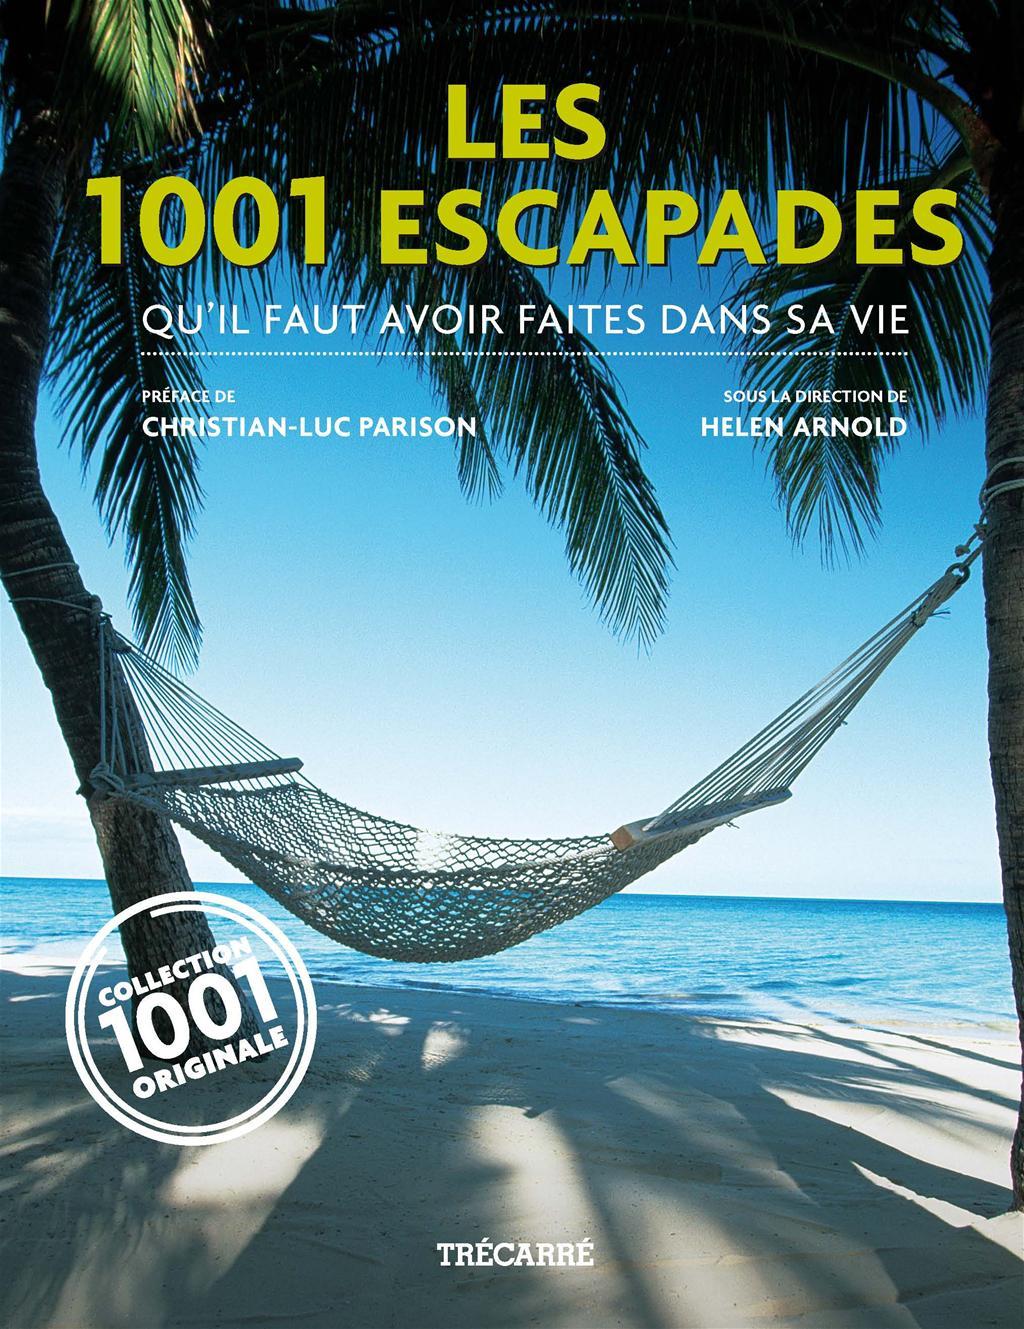 Les 1001 Escapades. qu'il faut avoir faites dans sa vie